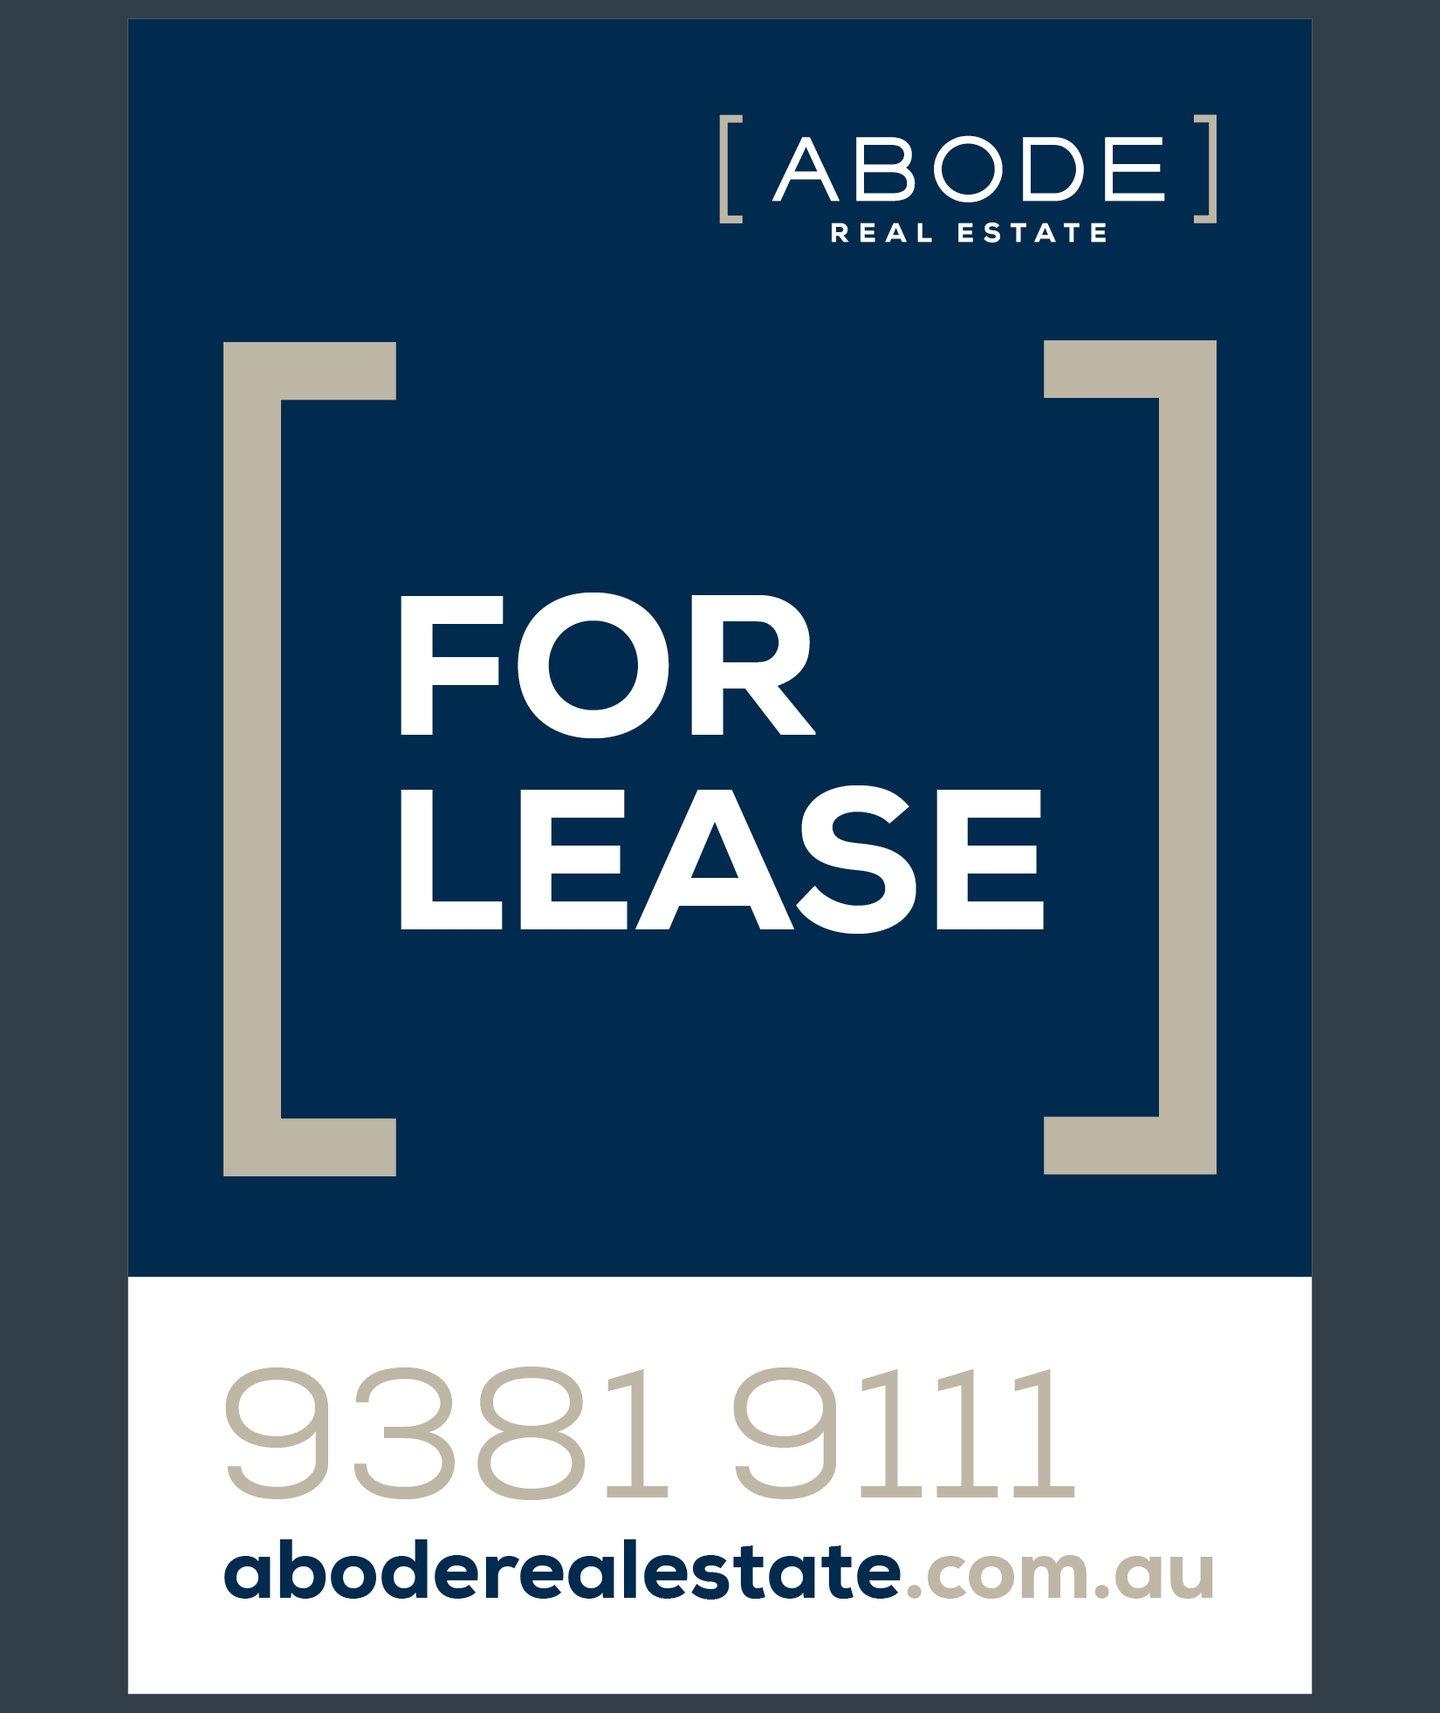 Abode-Project-v2-3.jpg